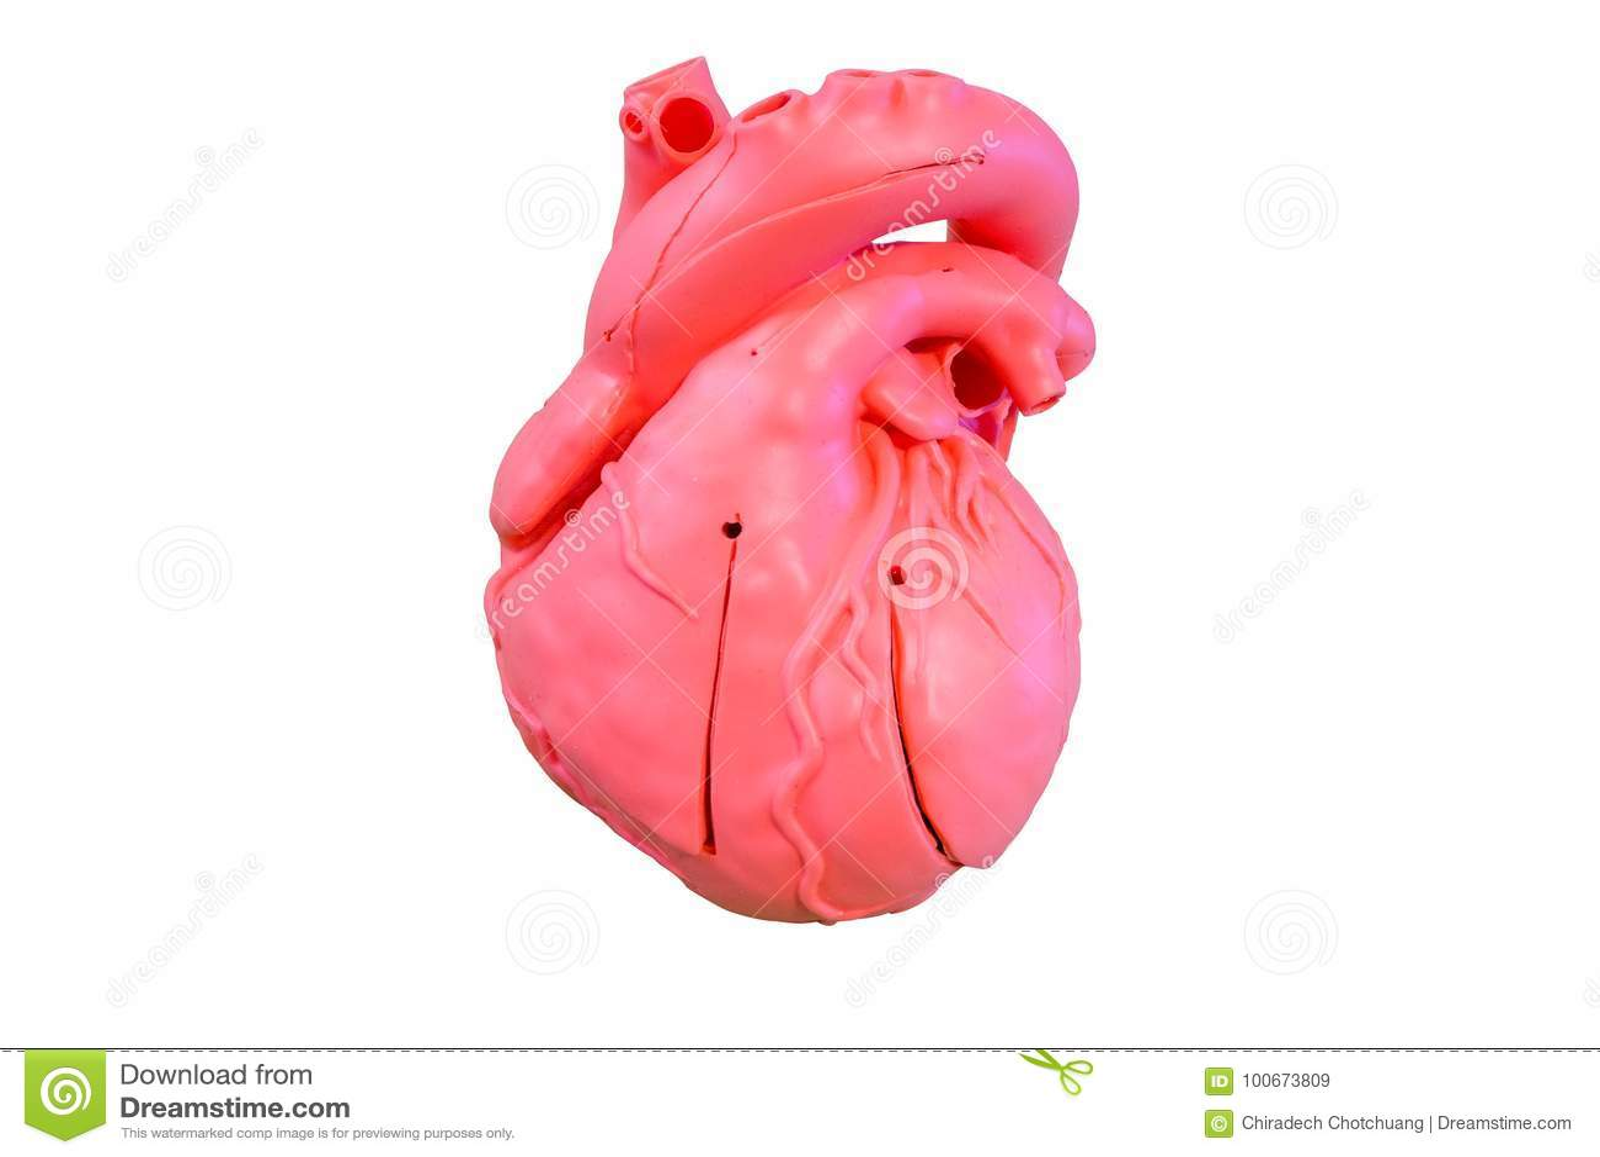 Tipo Modelo Del Silicón De La Anatomía Del Sistema Cardiovascular ...